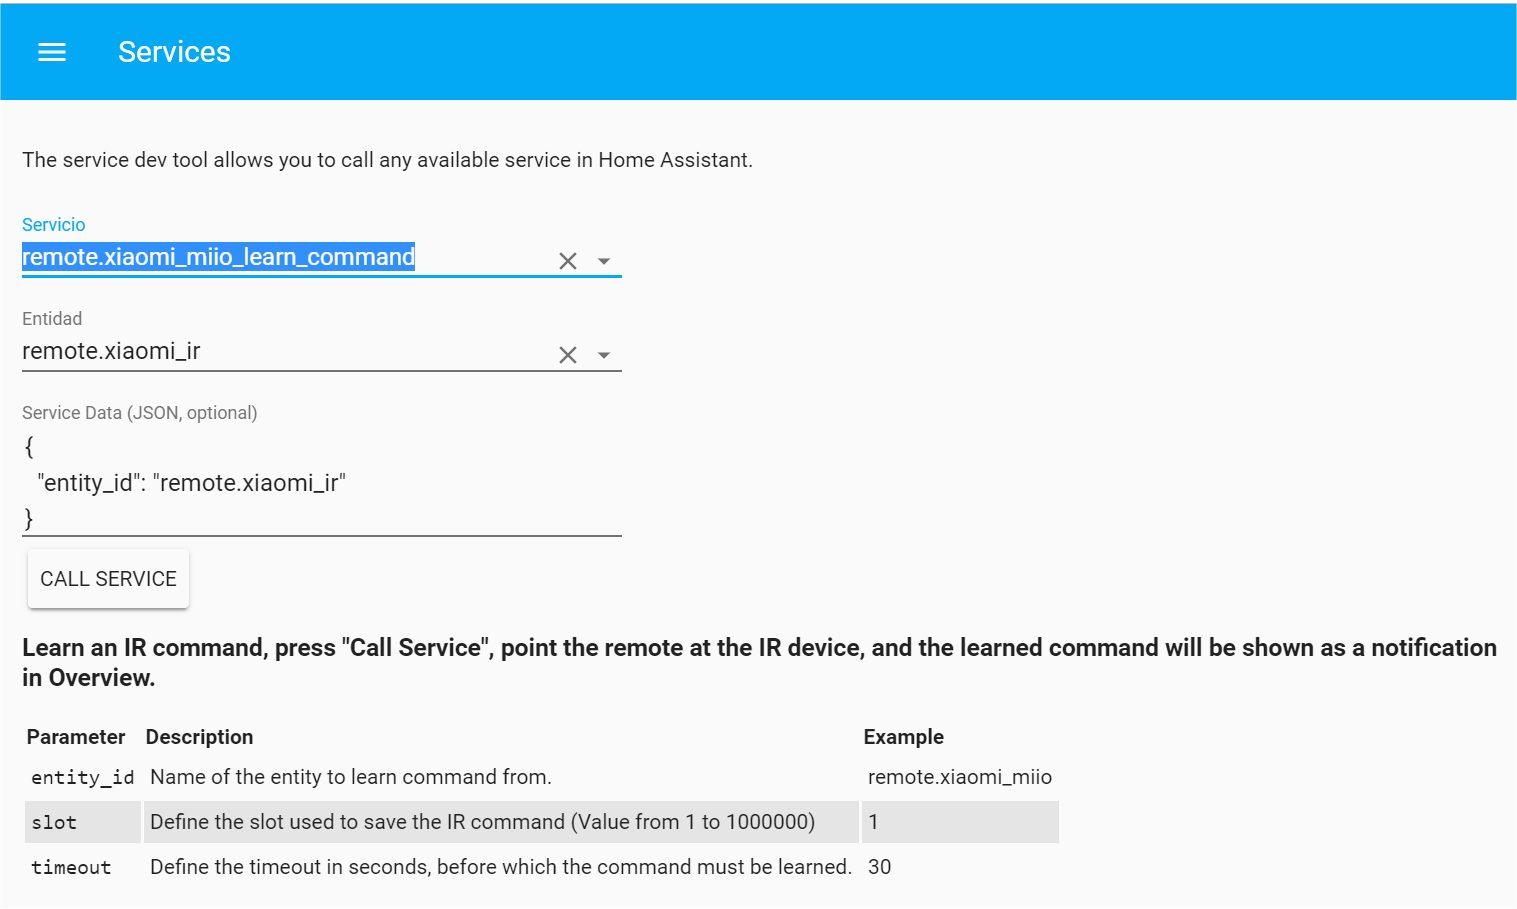 Como integrar Xiaomi ir en home assistant - Foro Domótica En